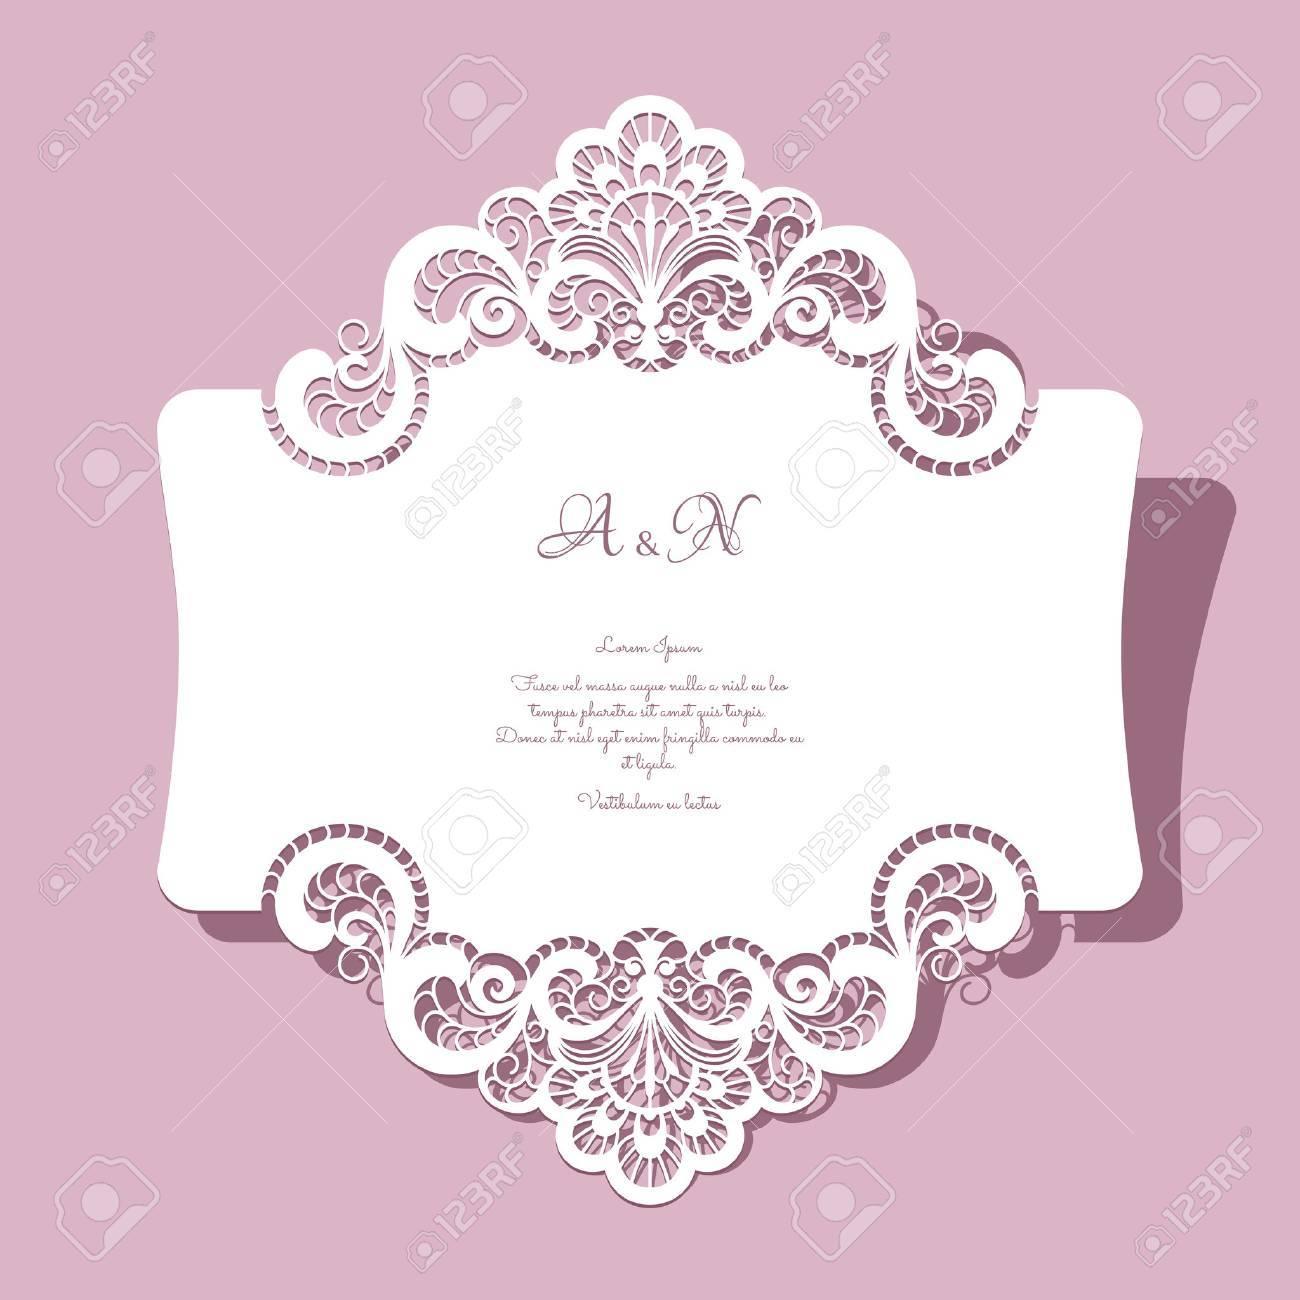 carte de voeux de mariage Dentelle élégante Carte De Voeux, Invitation De Mariage Ou D'un